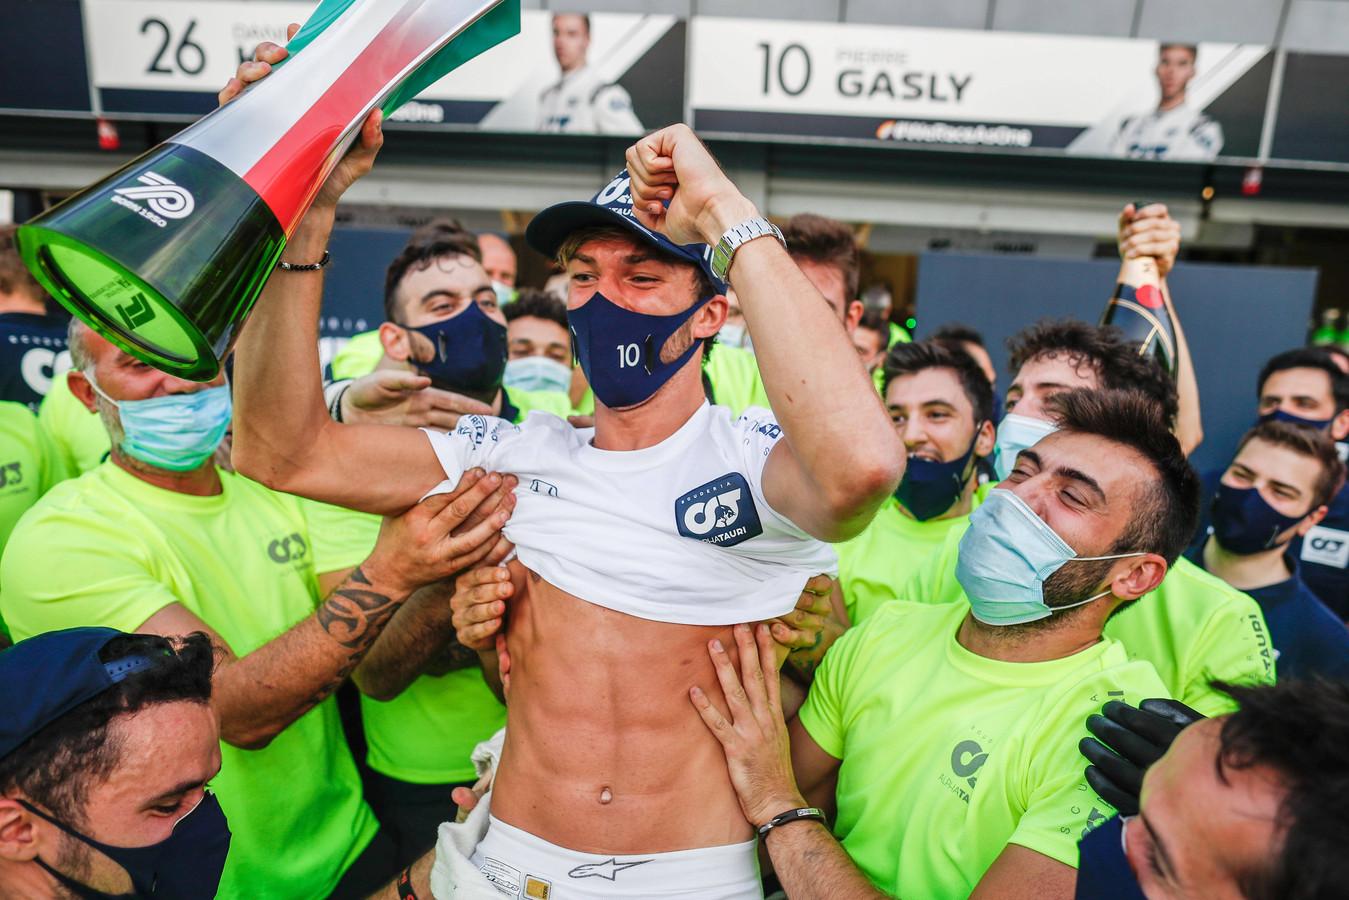 Dolle Pierre Gasly verbaasde vriend en vijand door een spectaculaire Grand Prix van Italië te winnen.